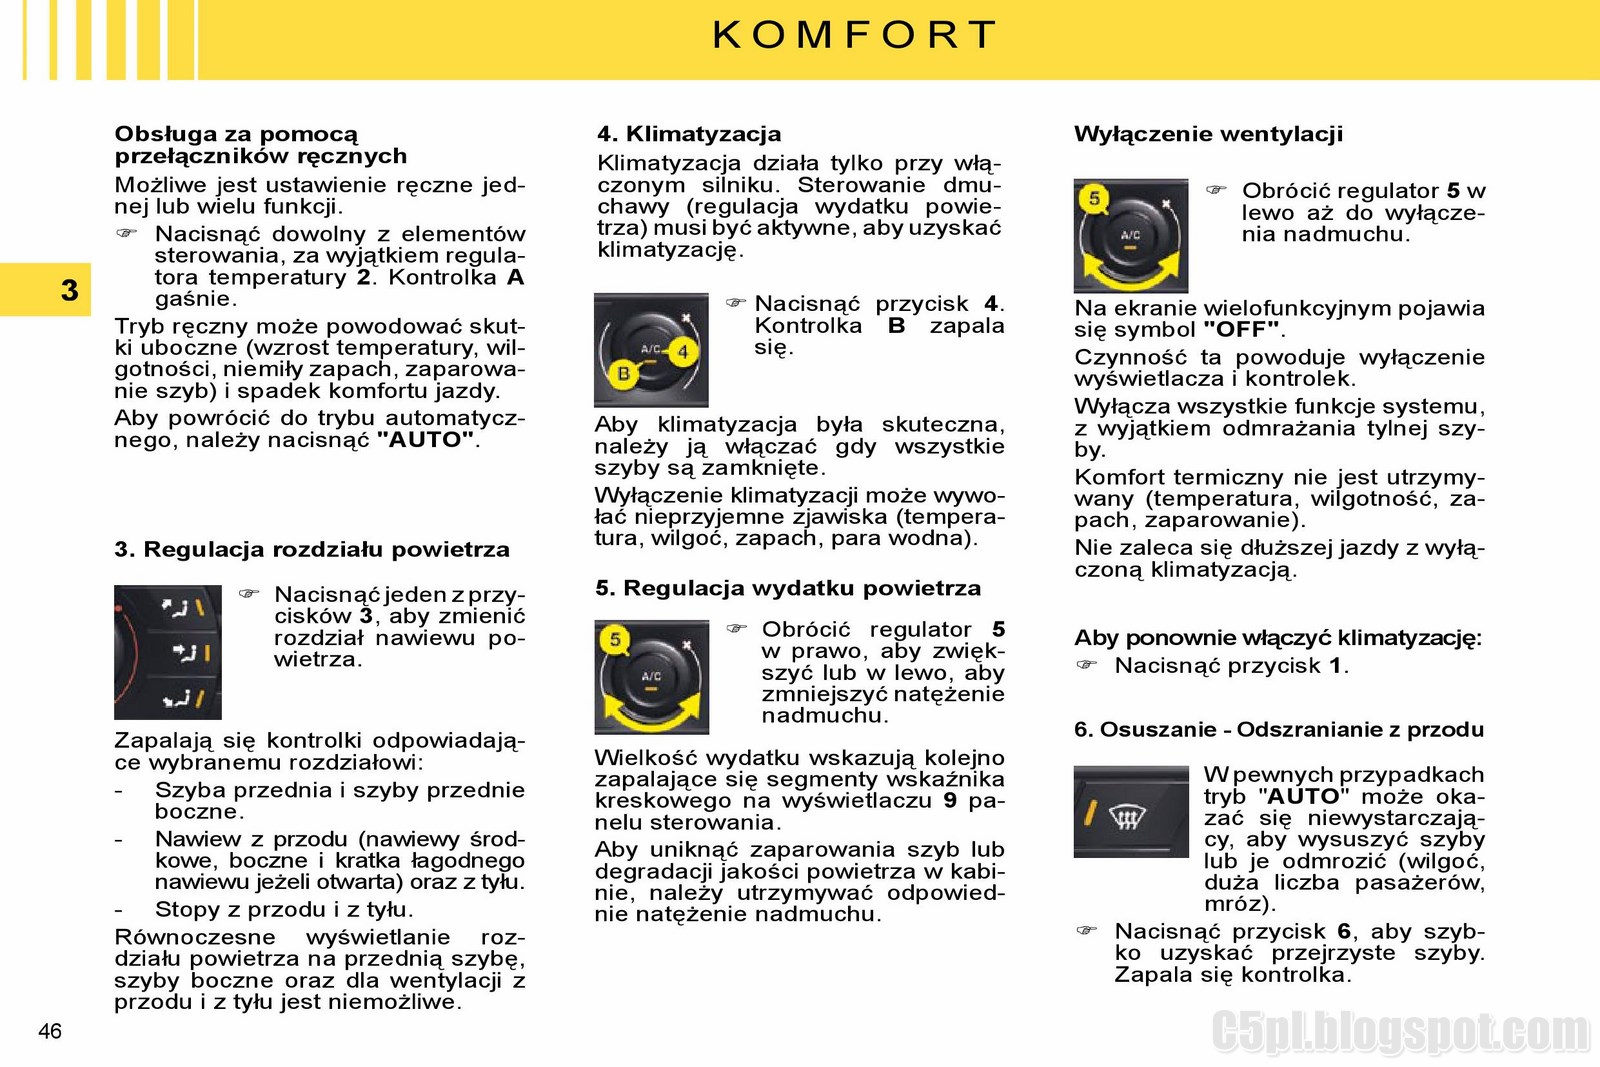 citroen c5 instrukcja obsługi pdf chomikuj